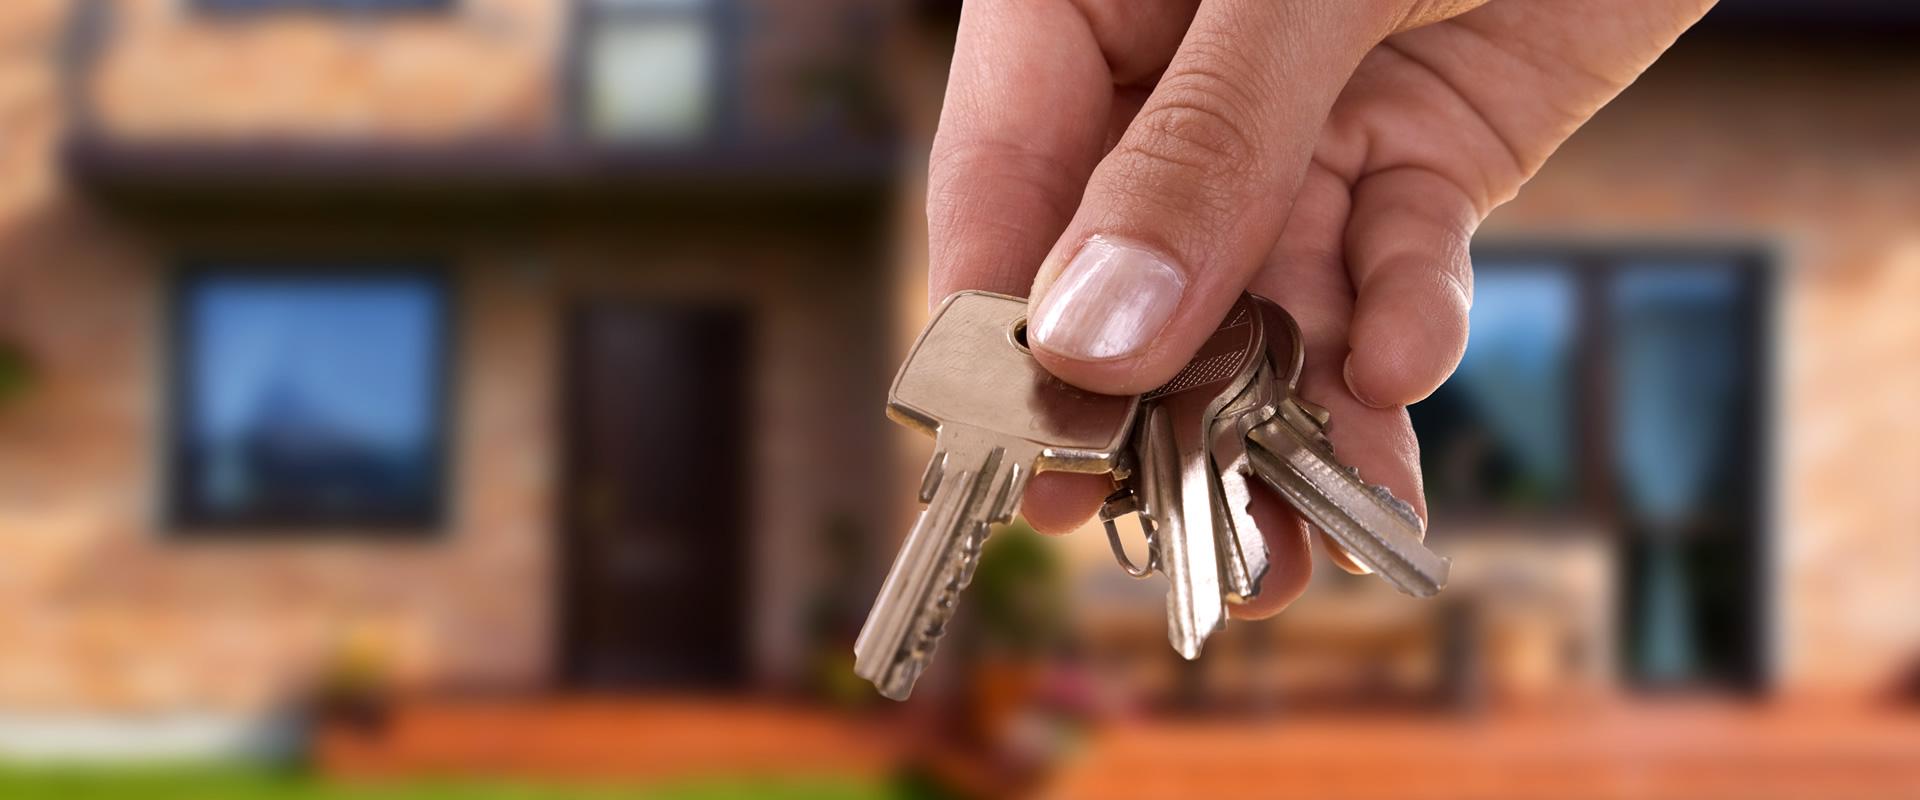 Entreprise de construction de maisons individuelles autour de Saint-Laurent-de-Neste, Gourdan-Polignan, Saint-Bertrand-de-Comminges